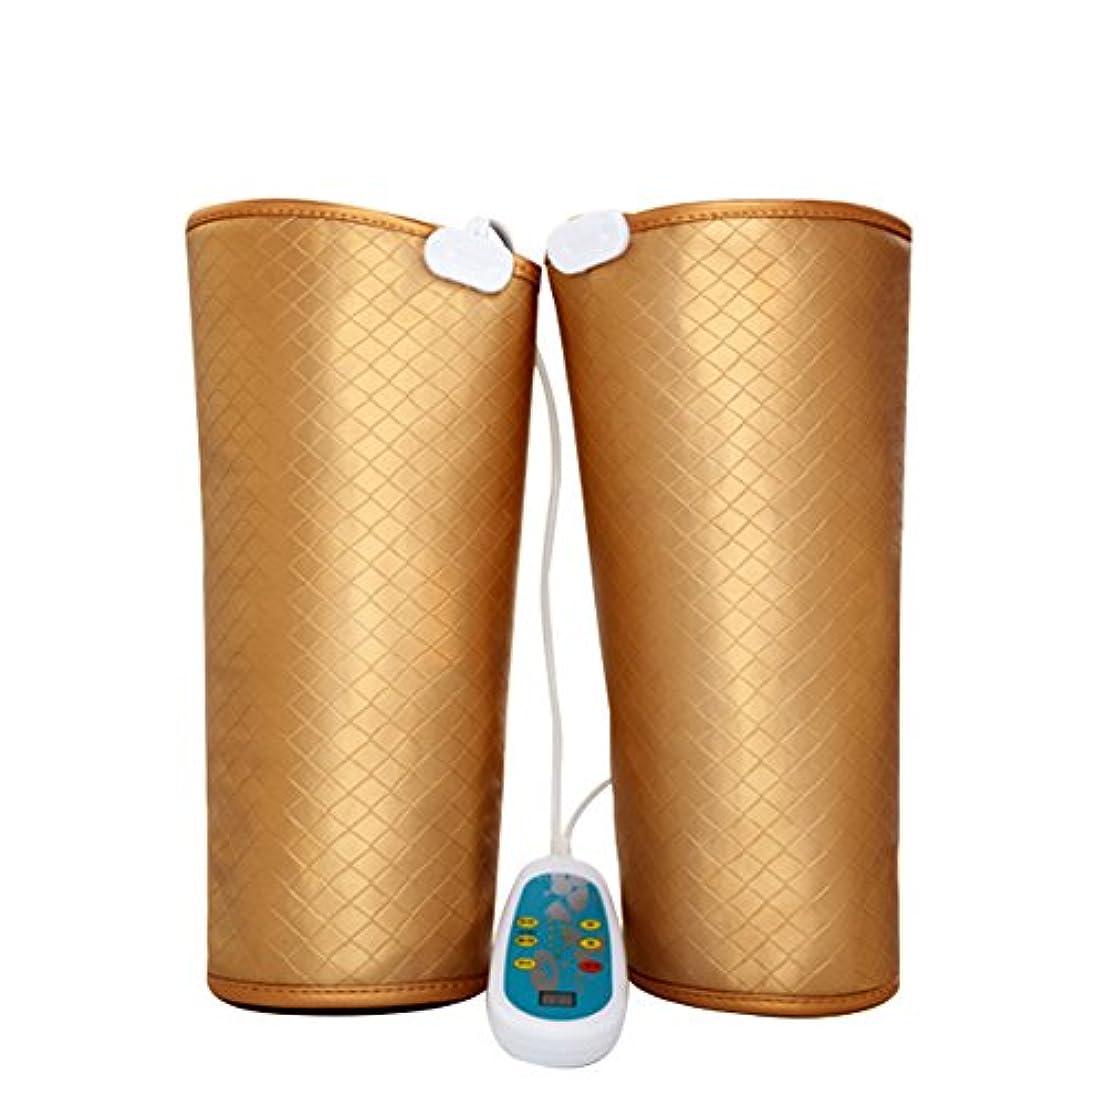 社説ウェイトレス任命電気マッサージ、膝の保温、男女通用、マッサージ機、膝と足を加熱してマッサージします